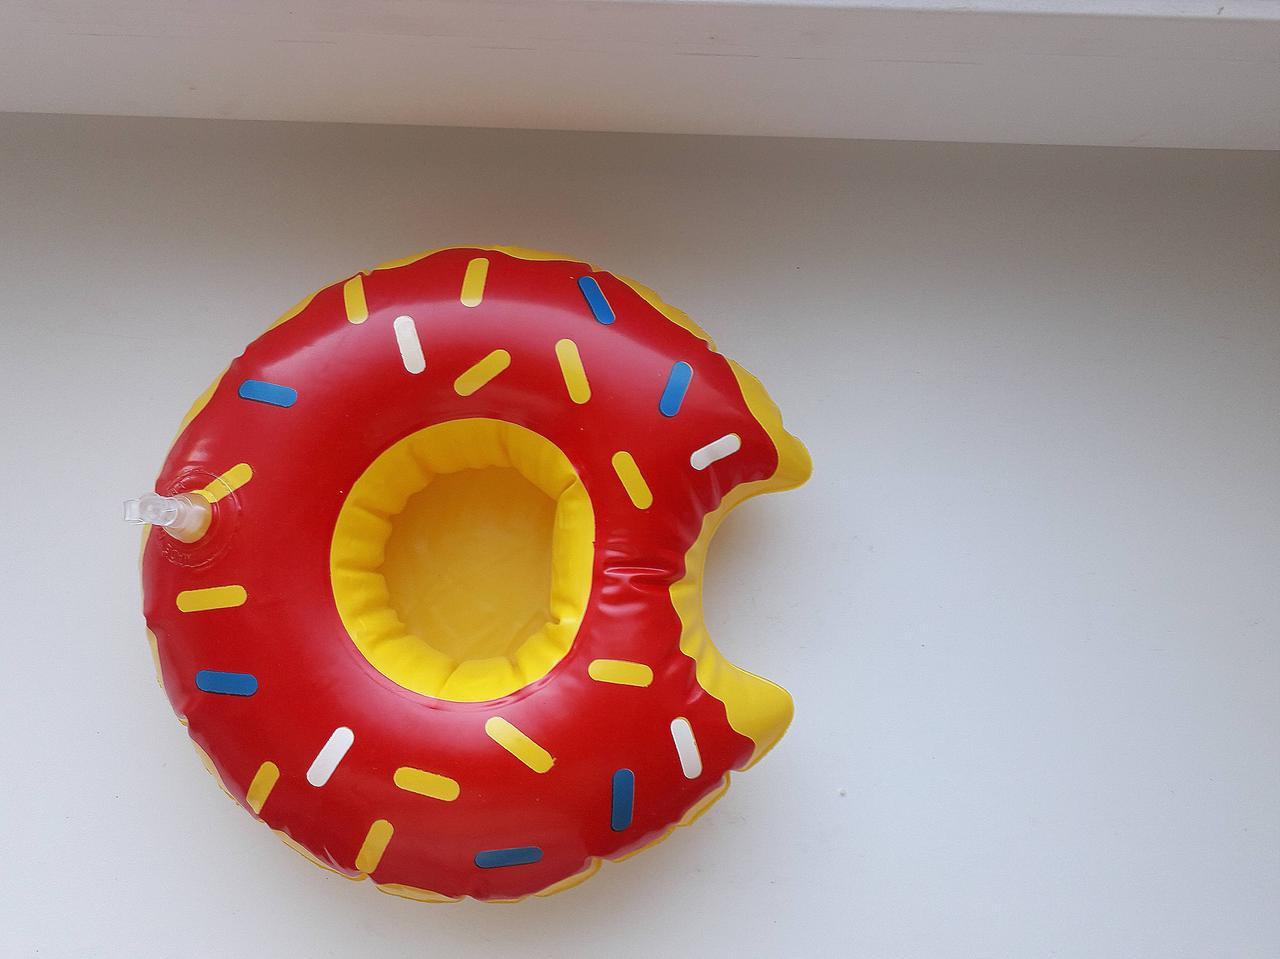 Прикольный надувной подстаканник пончик красный